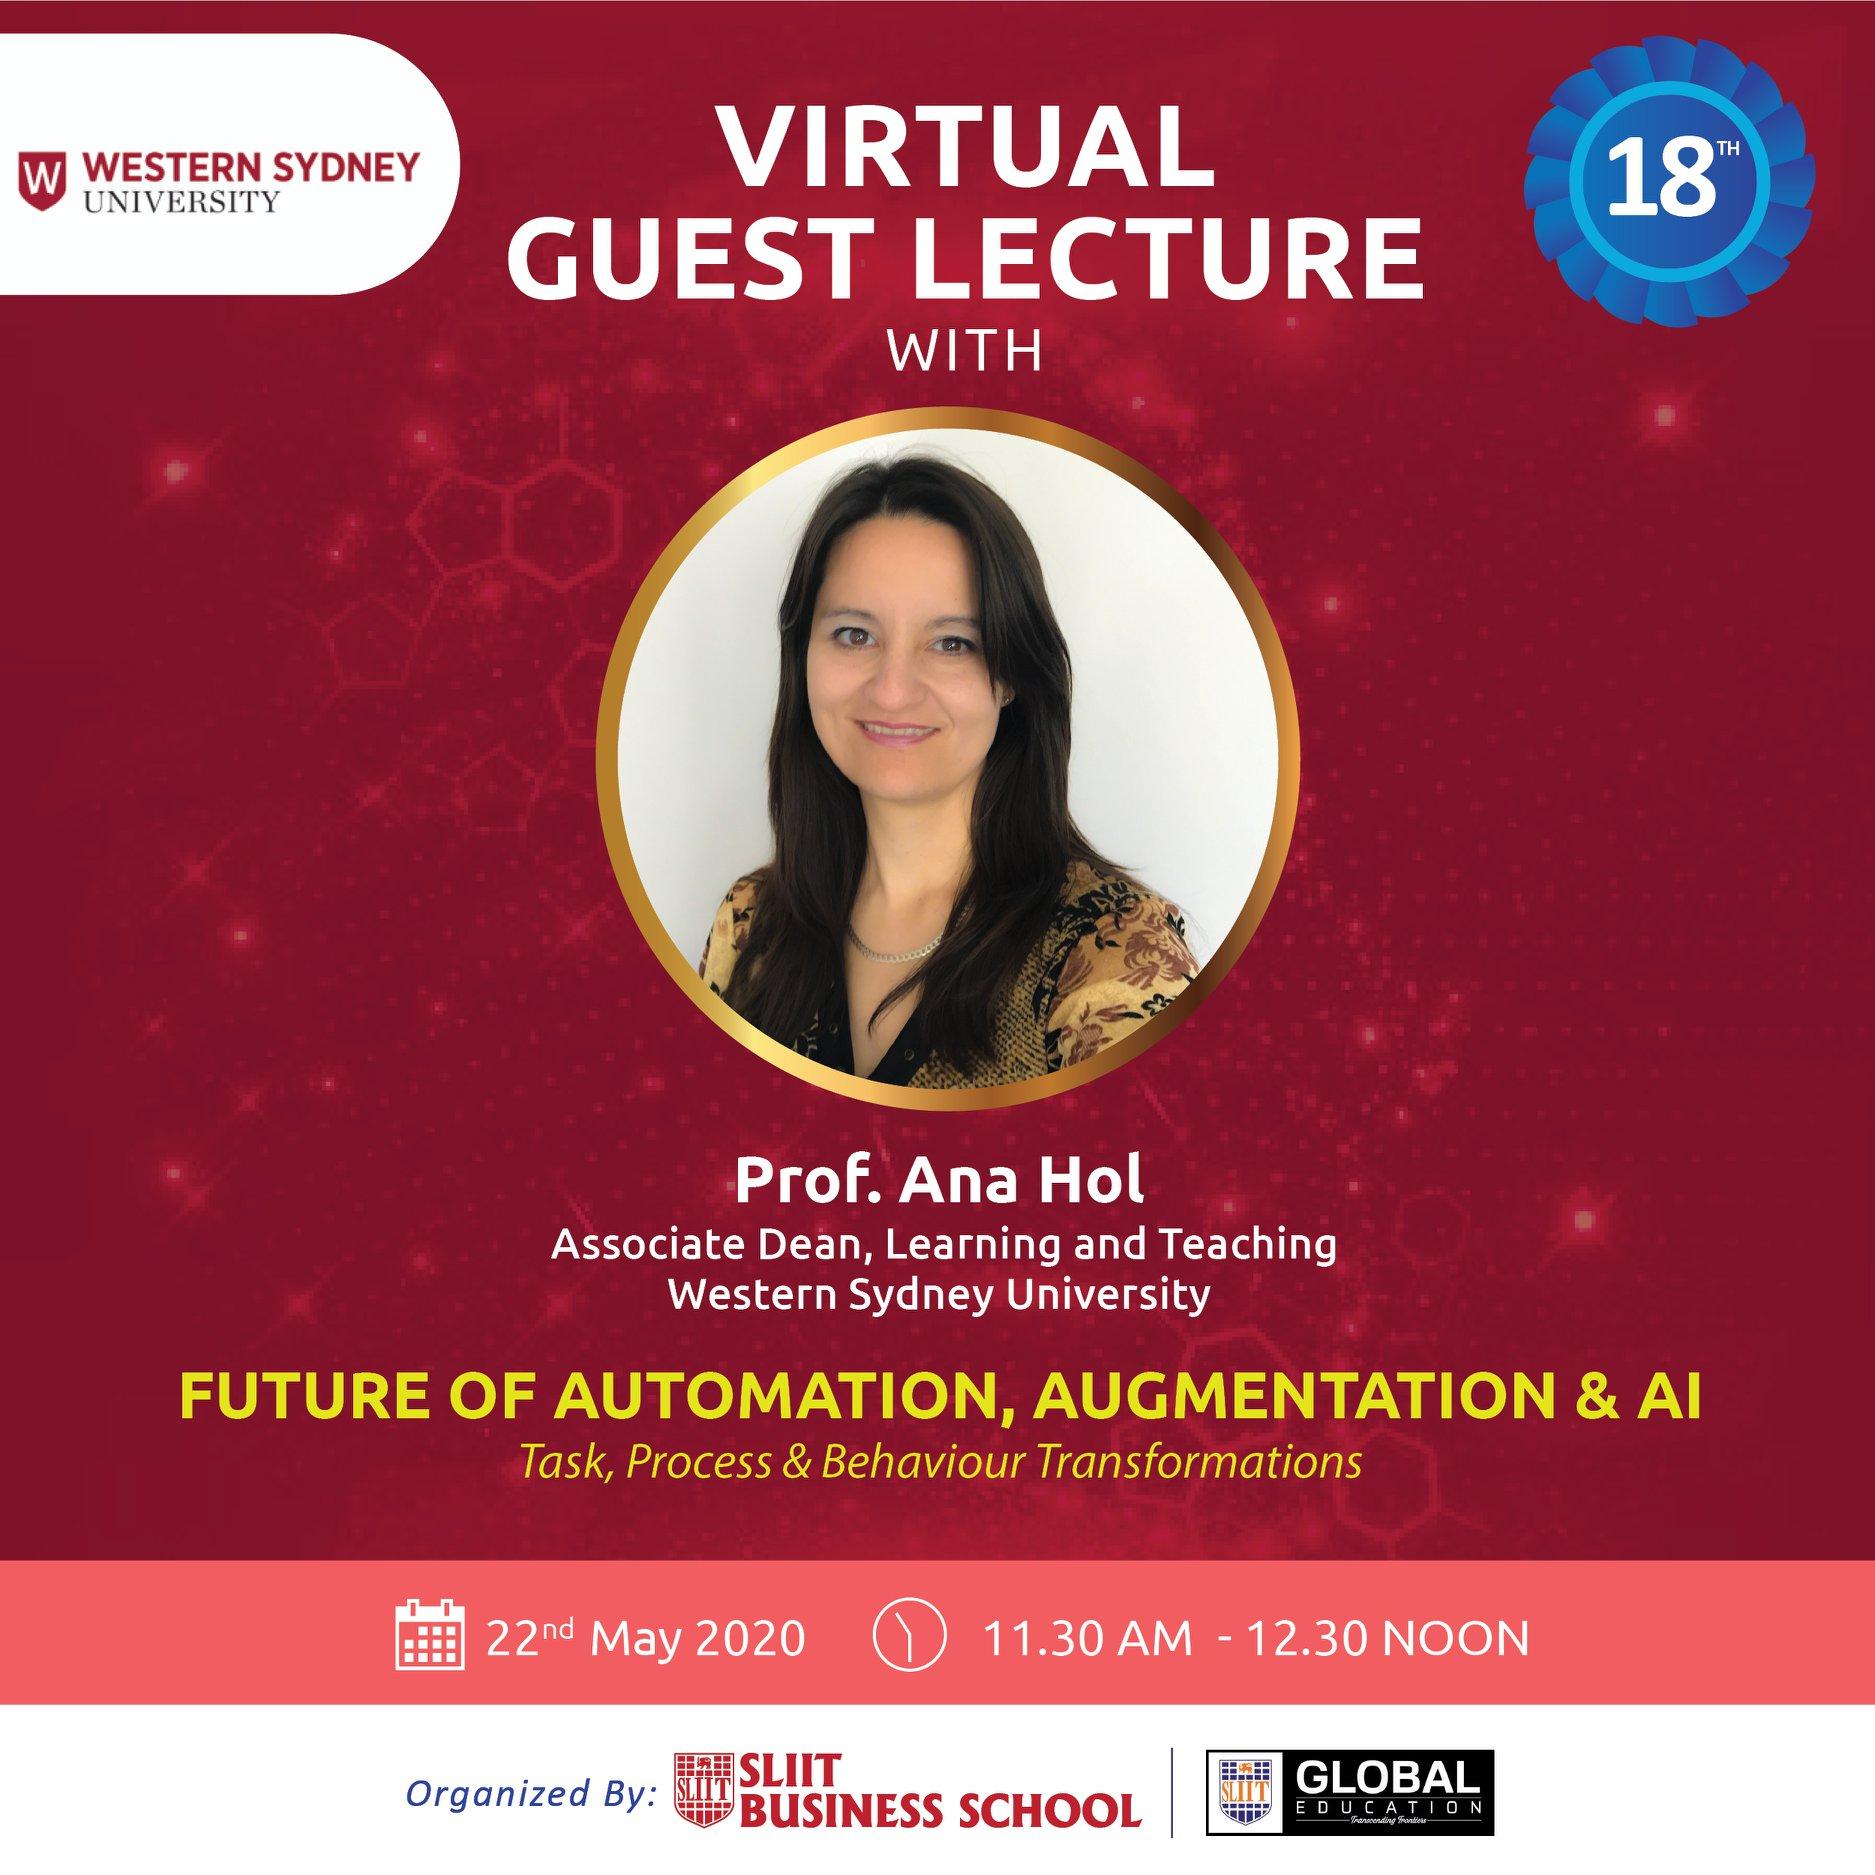 Future-of-Automation-Augmentation-and-AI